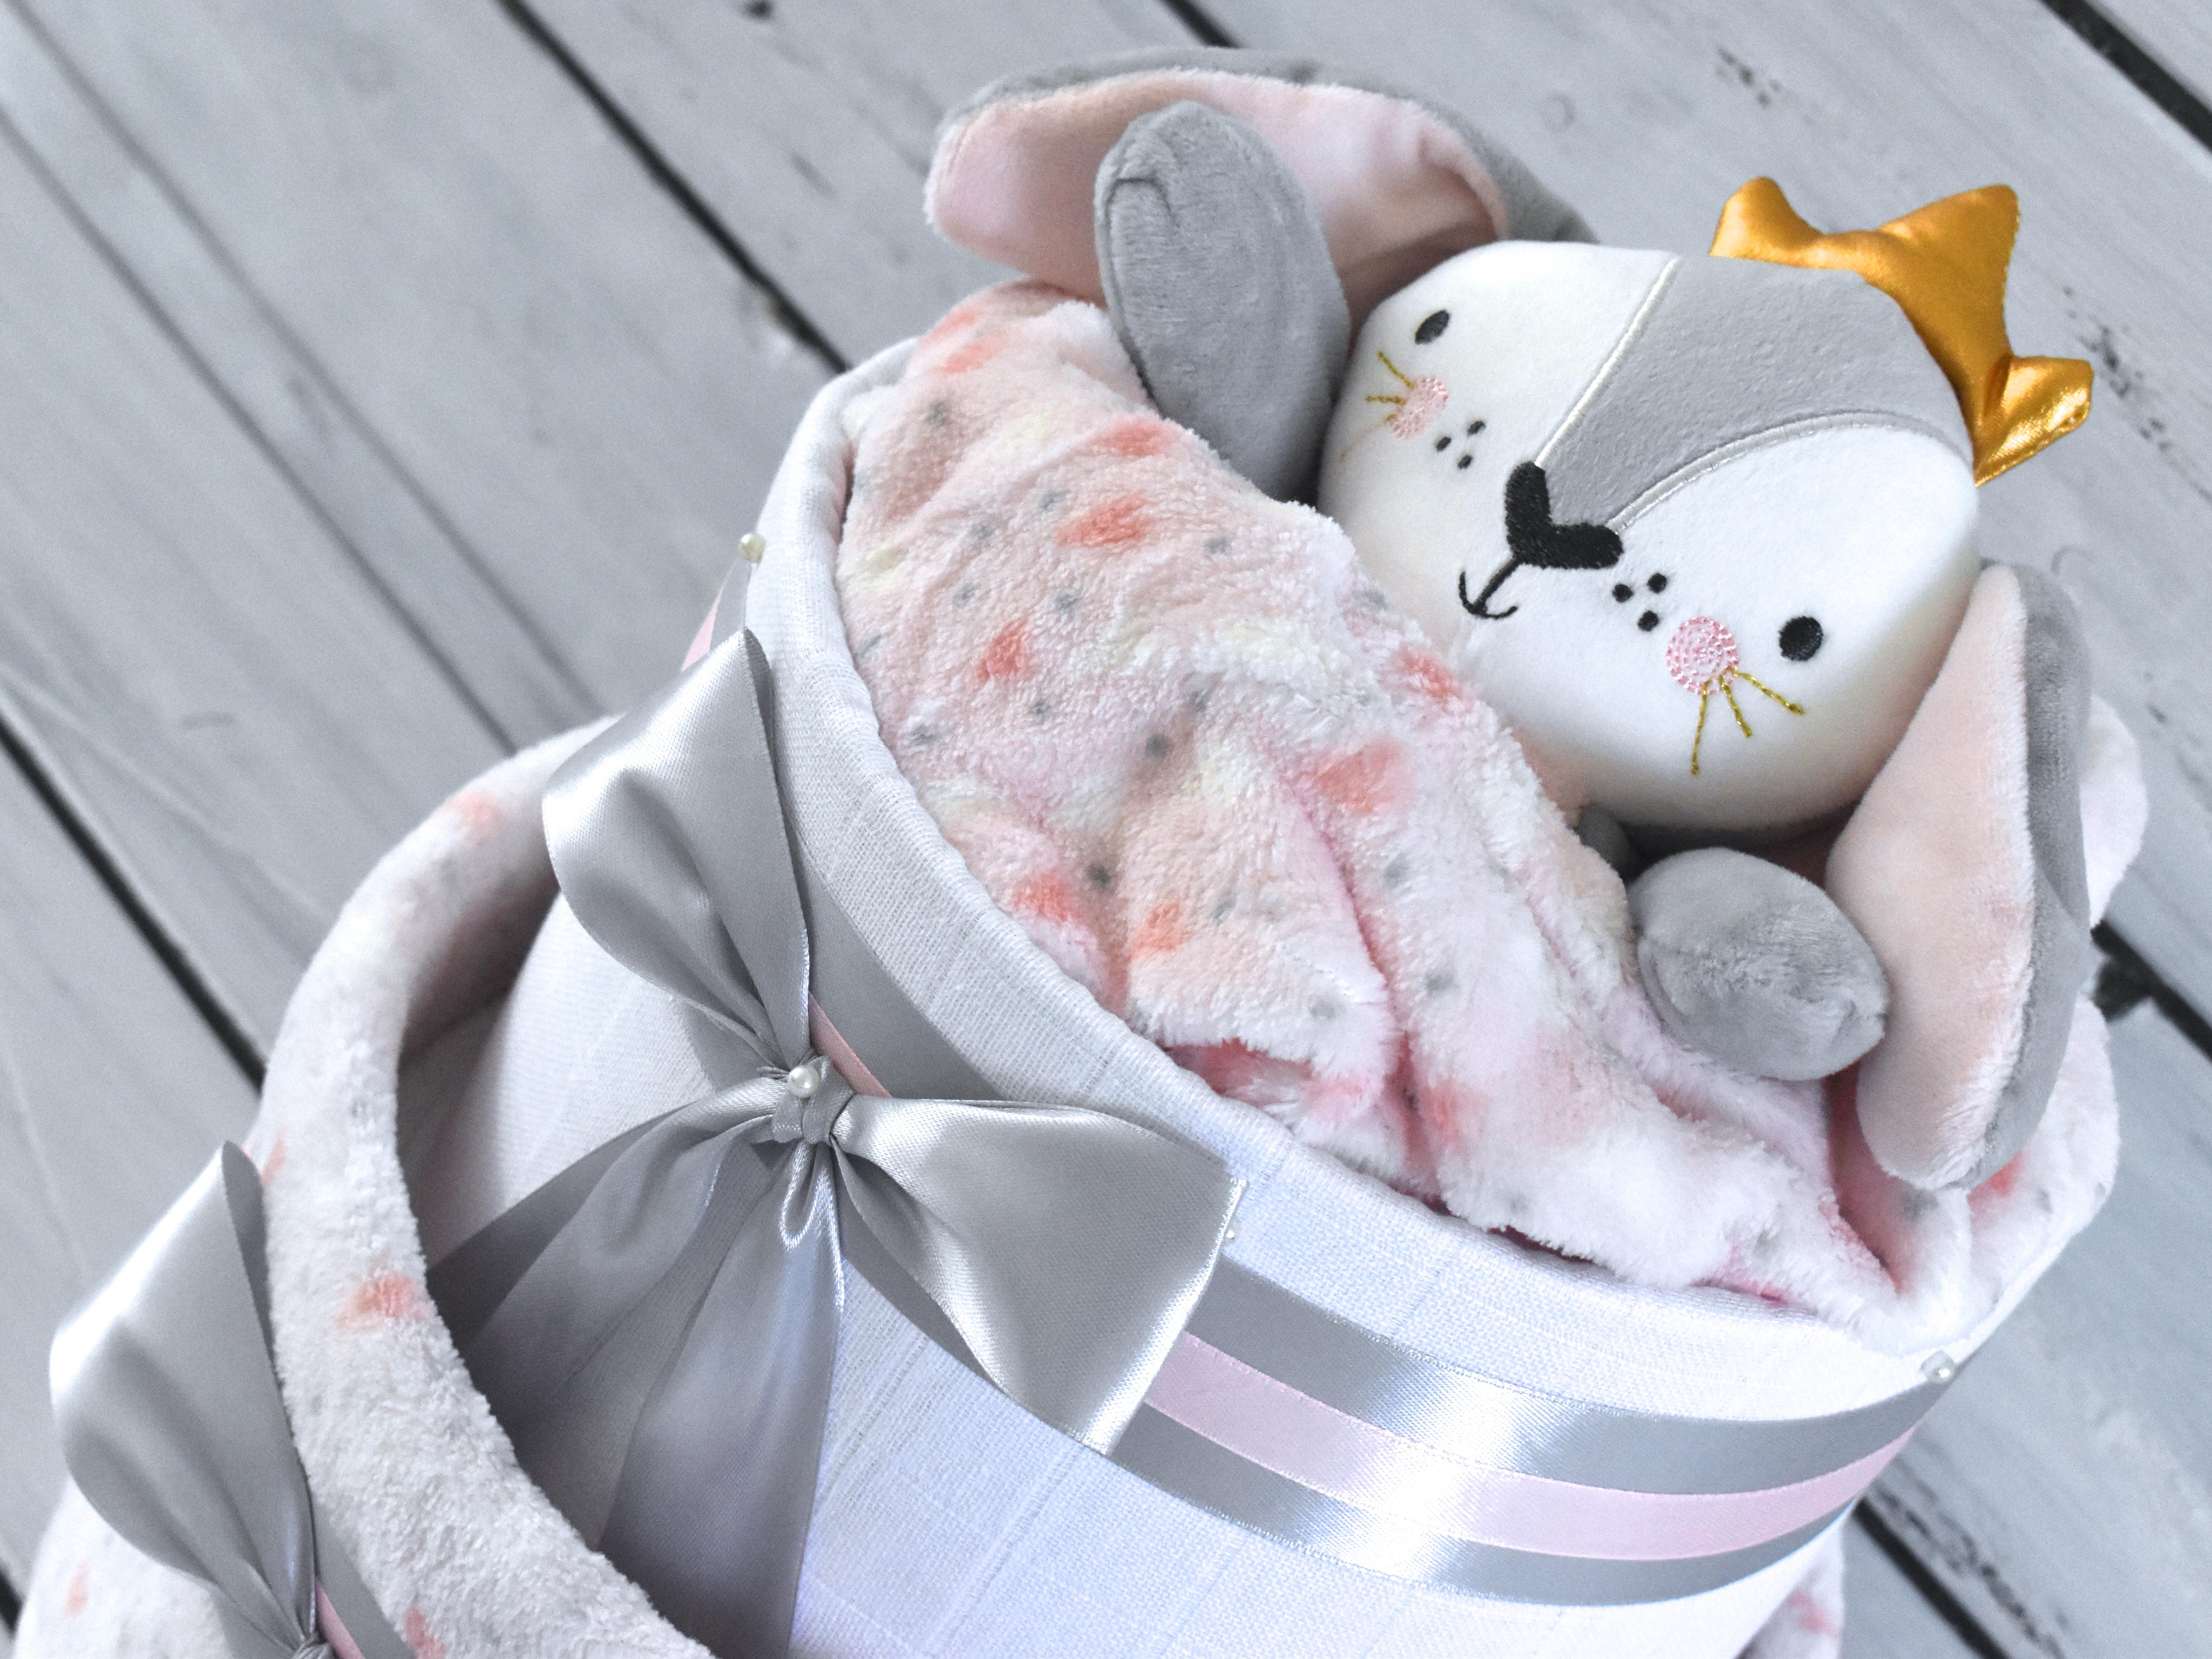 Plenkové dorty pro holčičky se setu deky a hračky jsou zpět